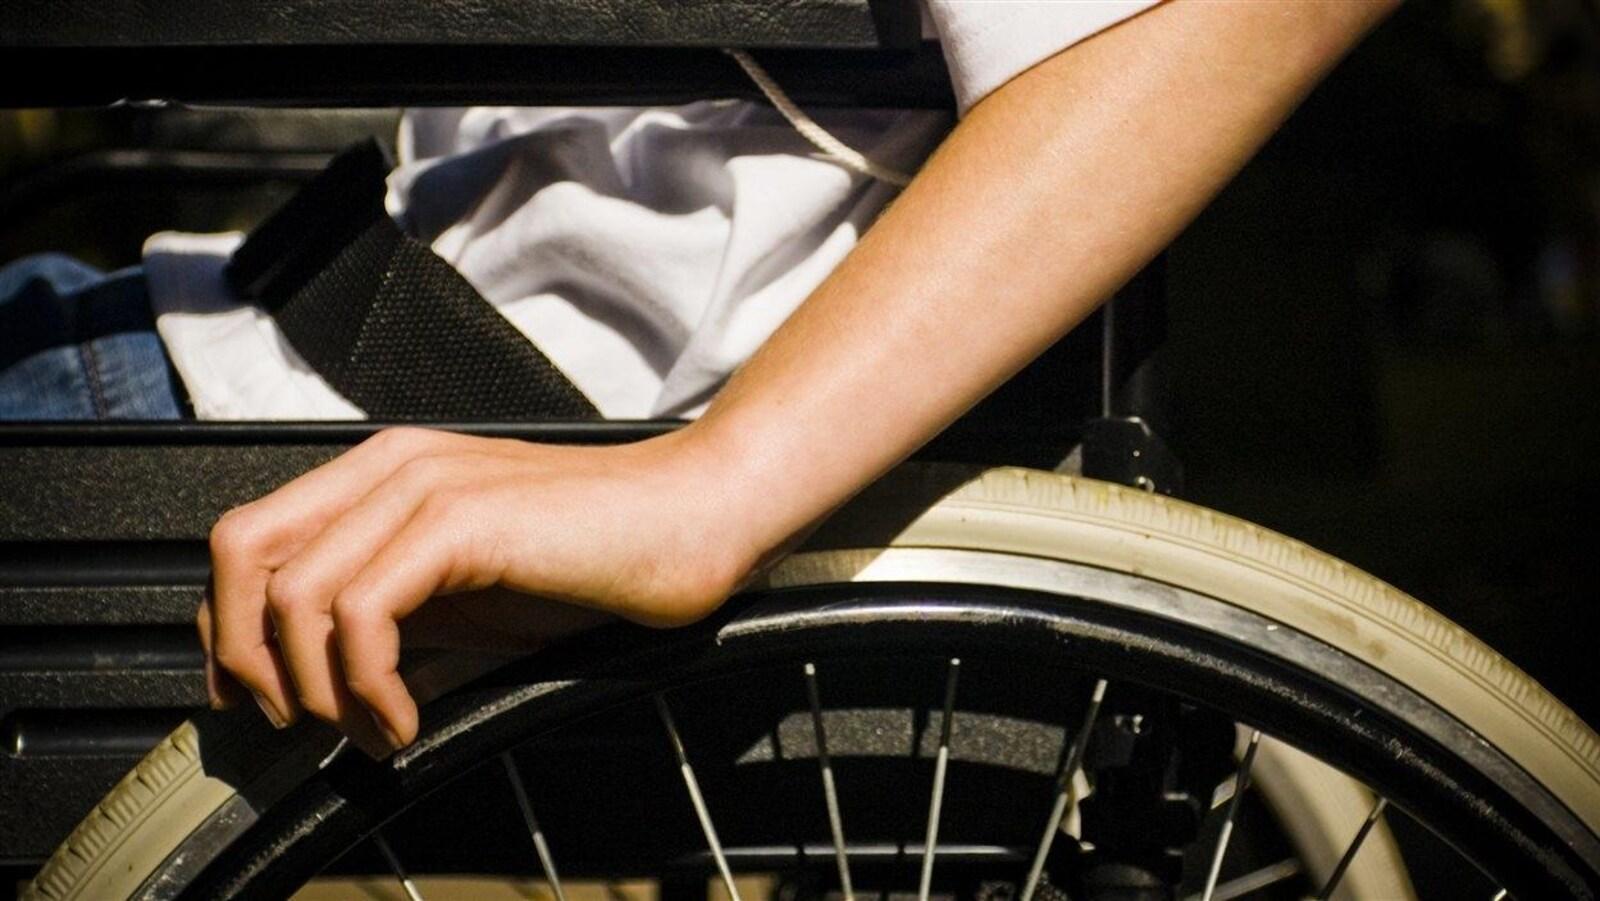 Une personne en fauteuil roulant